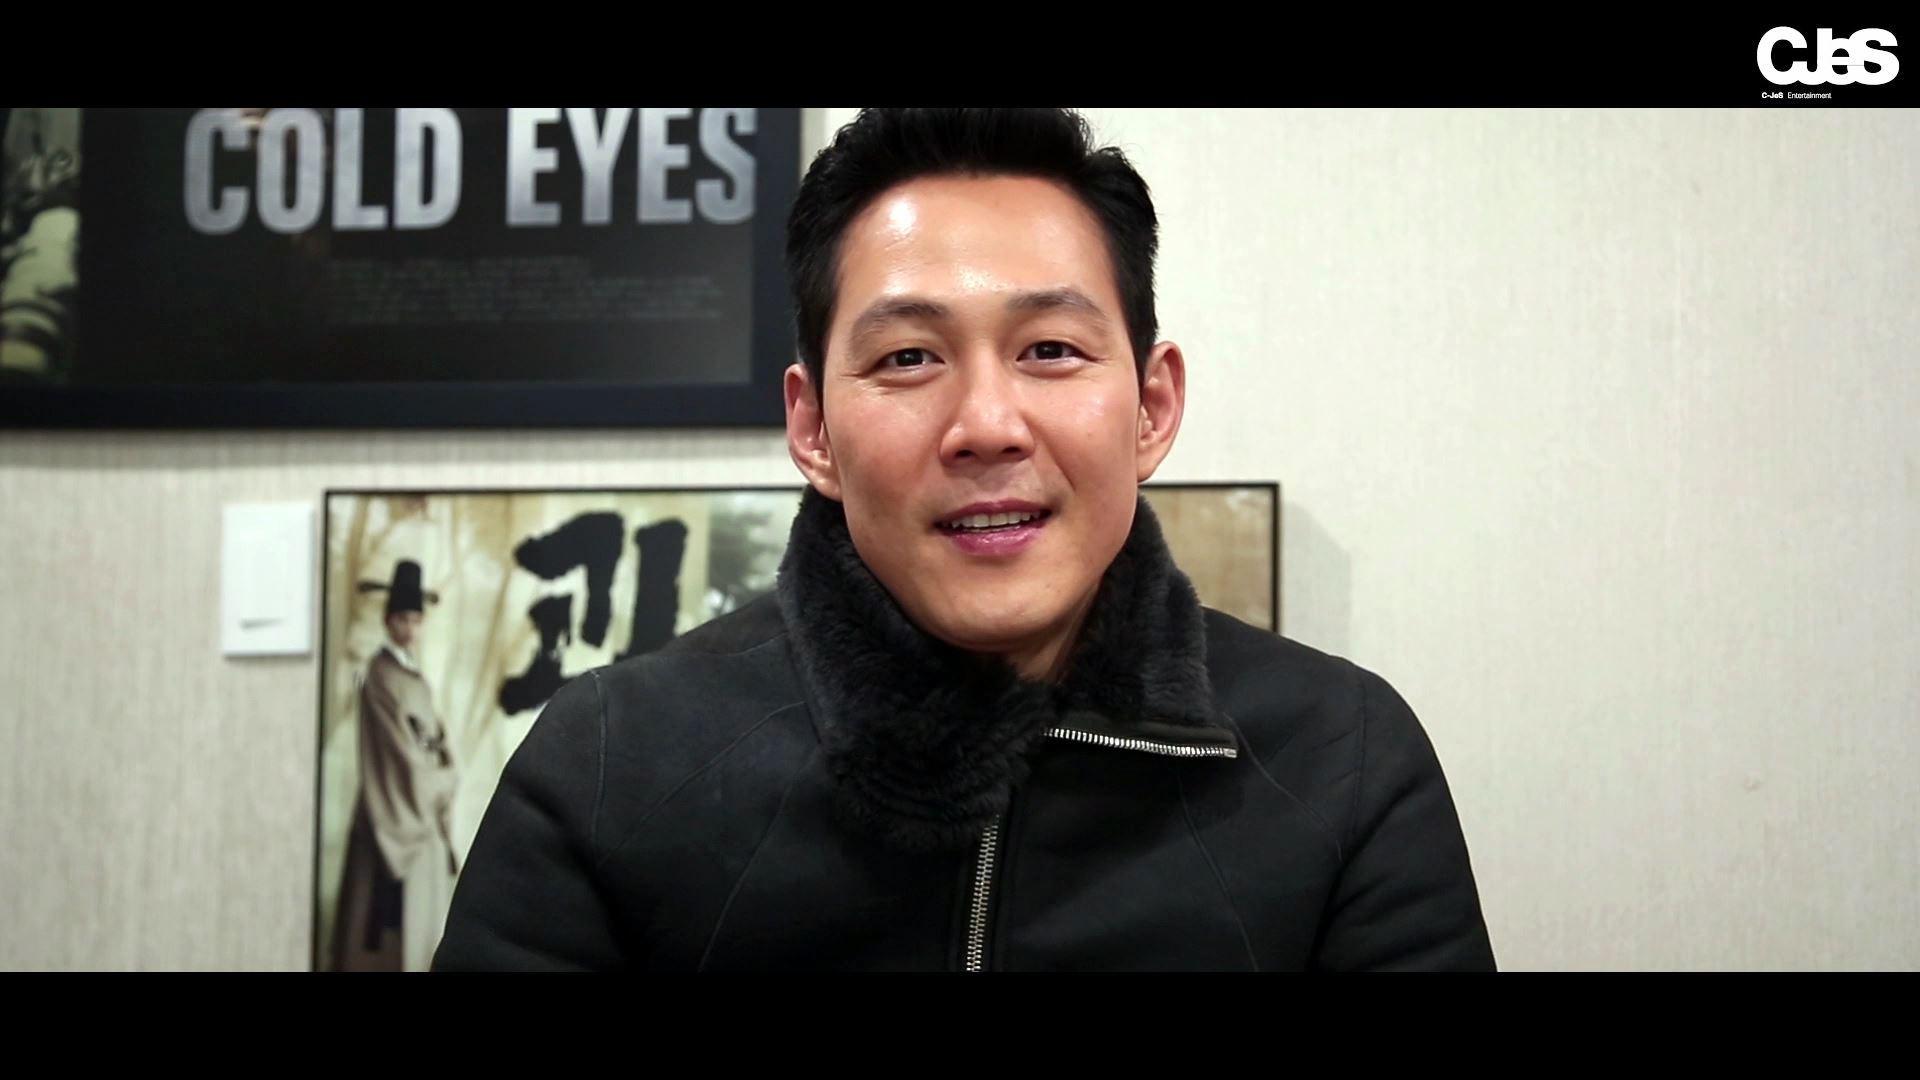 이정재 - 이정재의 성대모사 A to Z 인터뷰! (Behind Film)